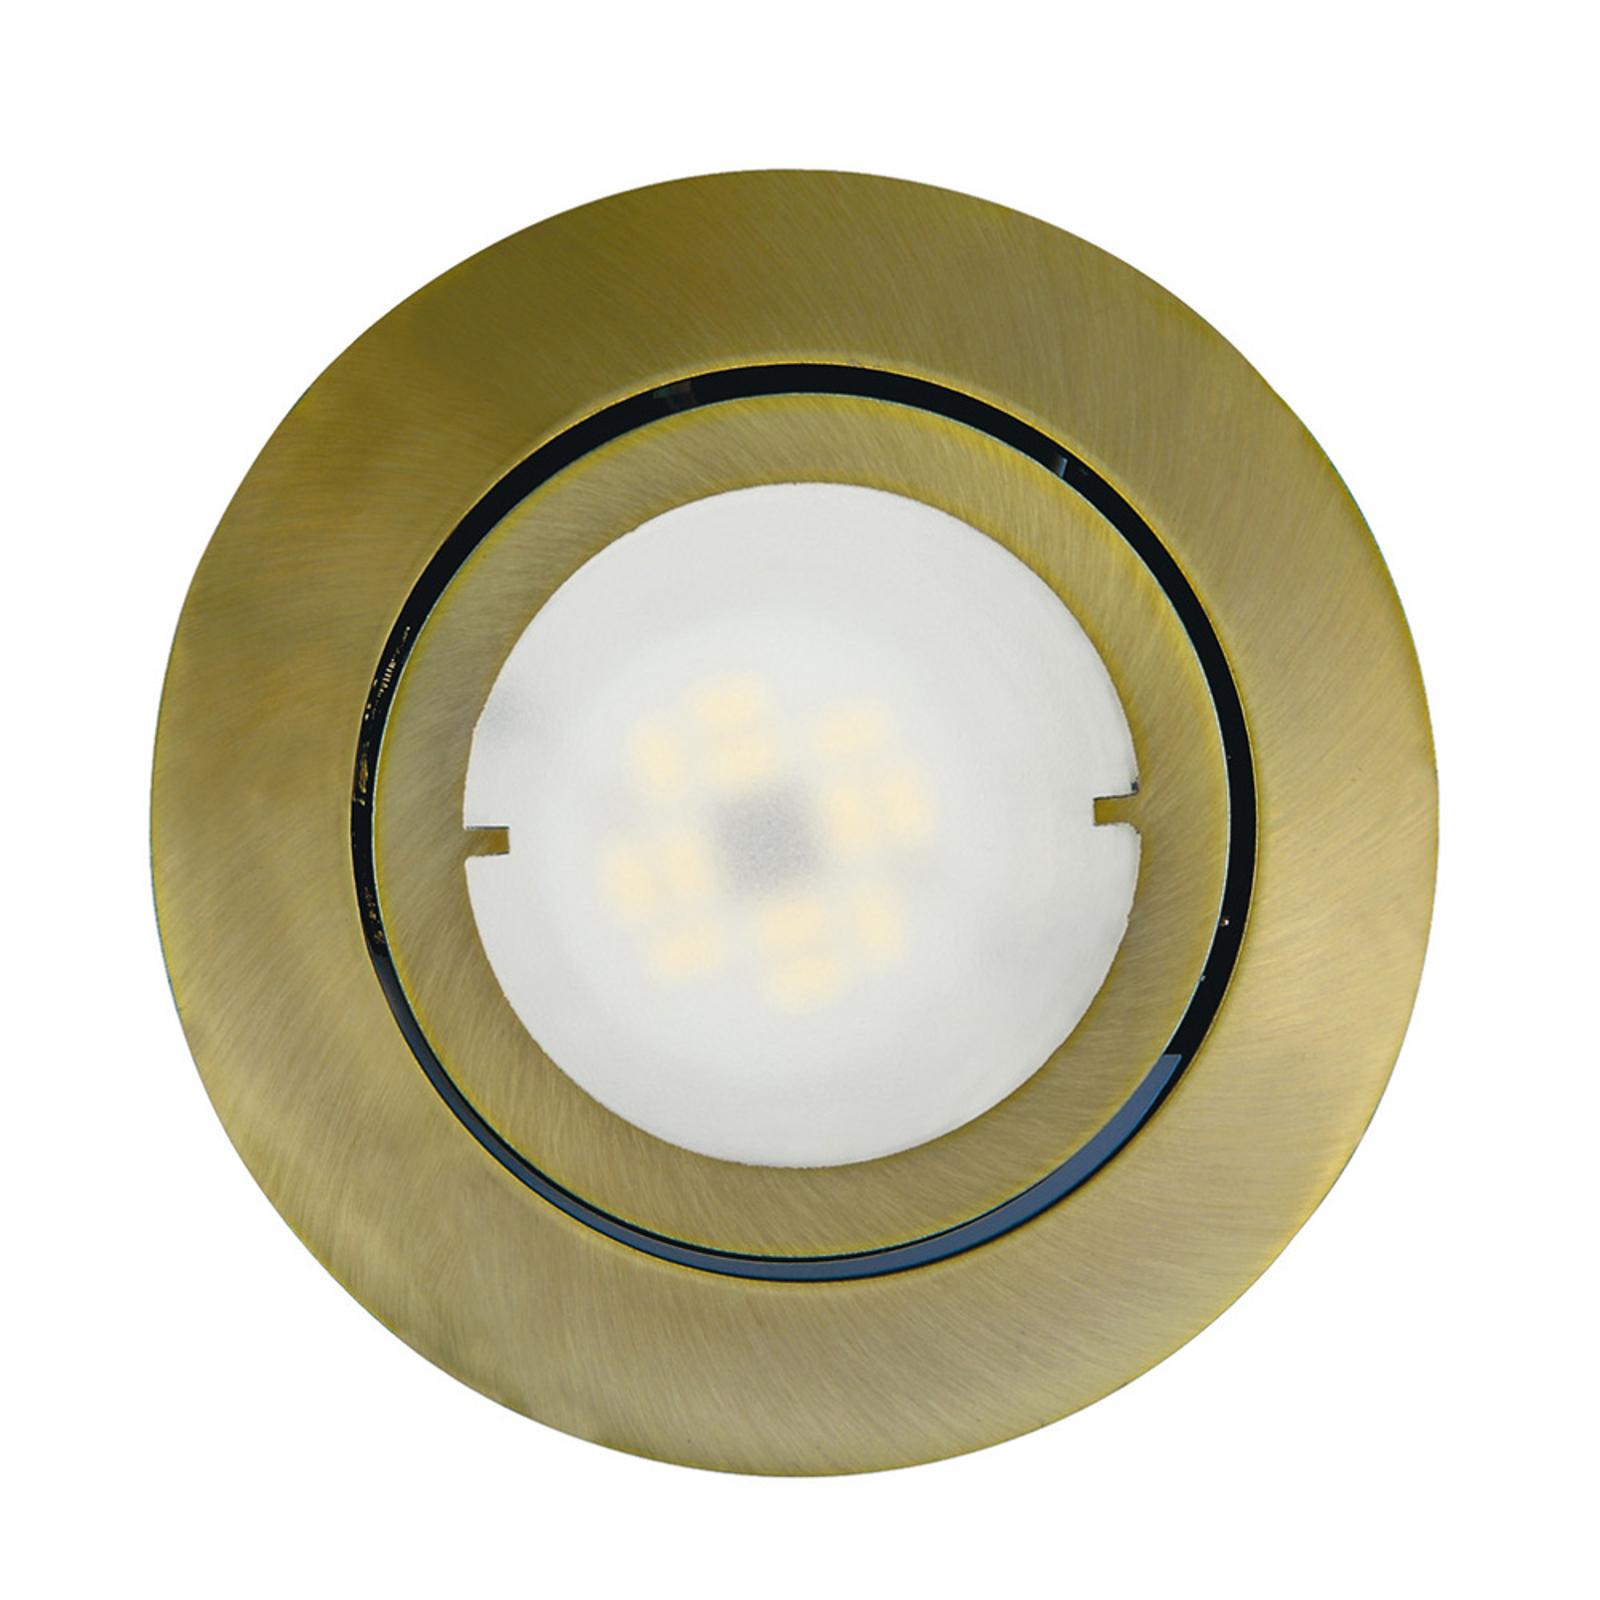 Schwenkbare LED-Einbauleuchte Joanie, altmessing